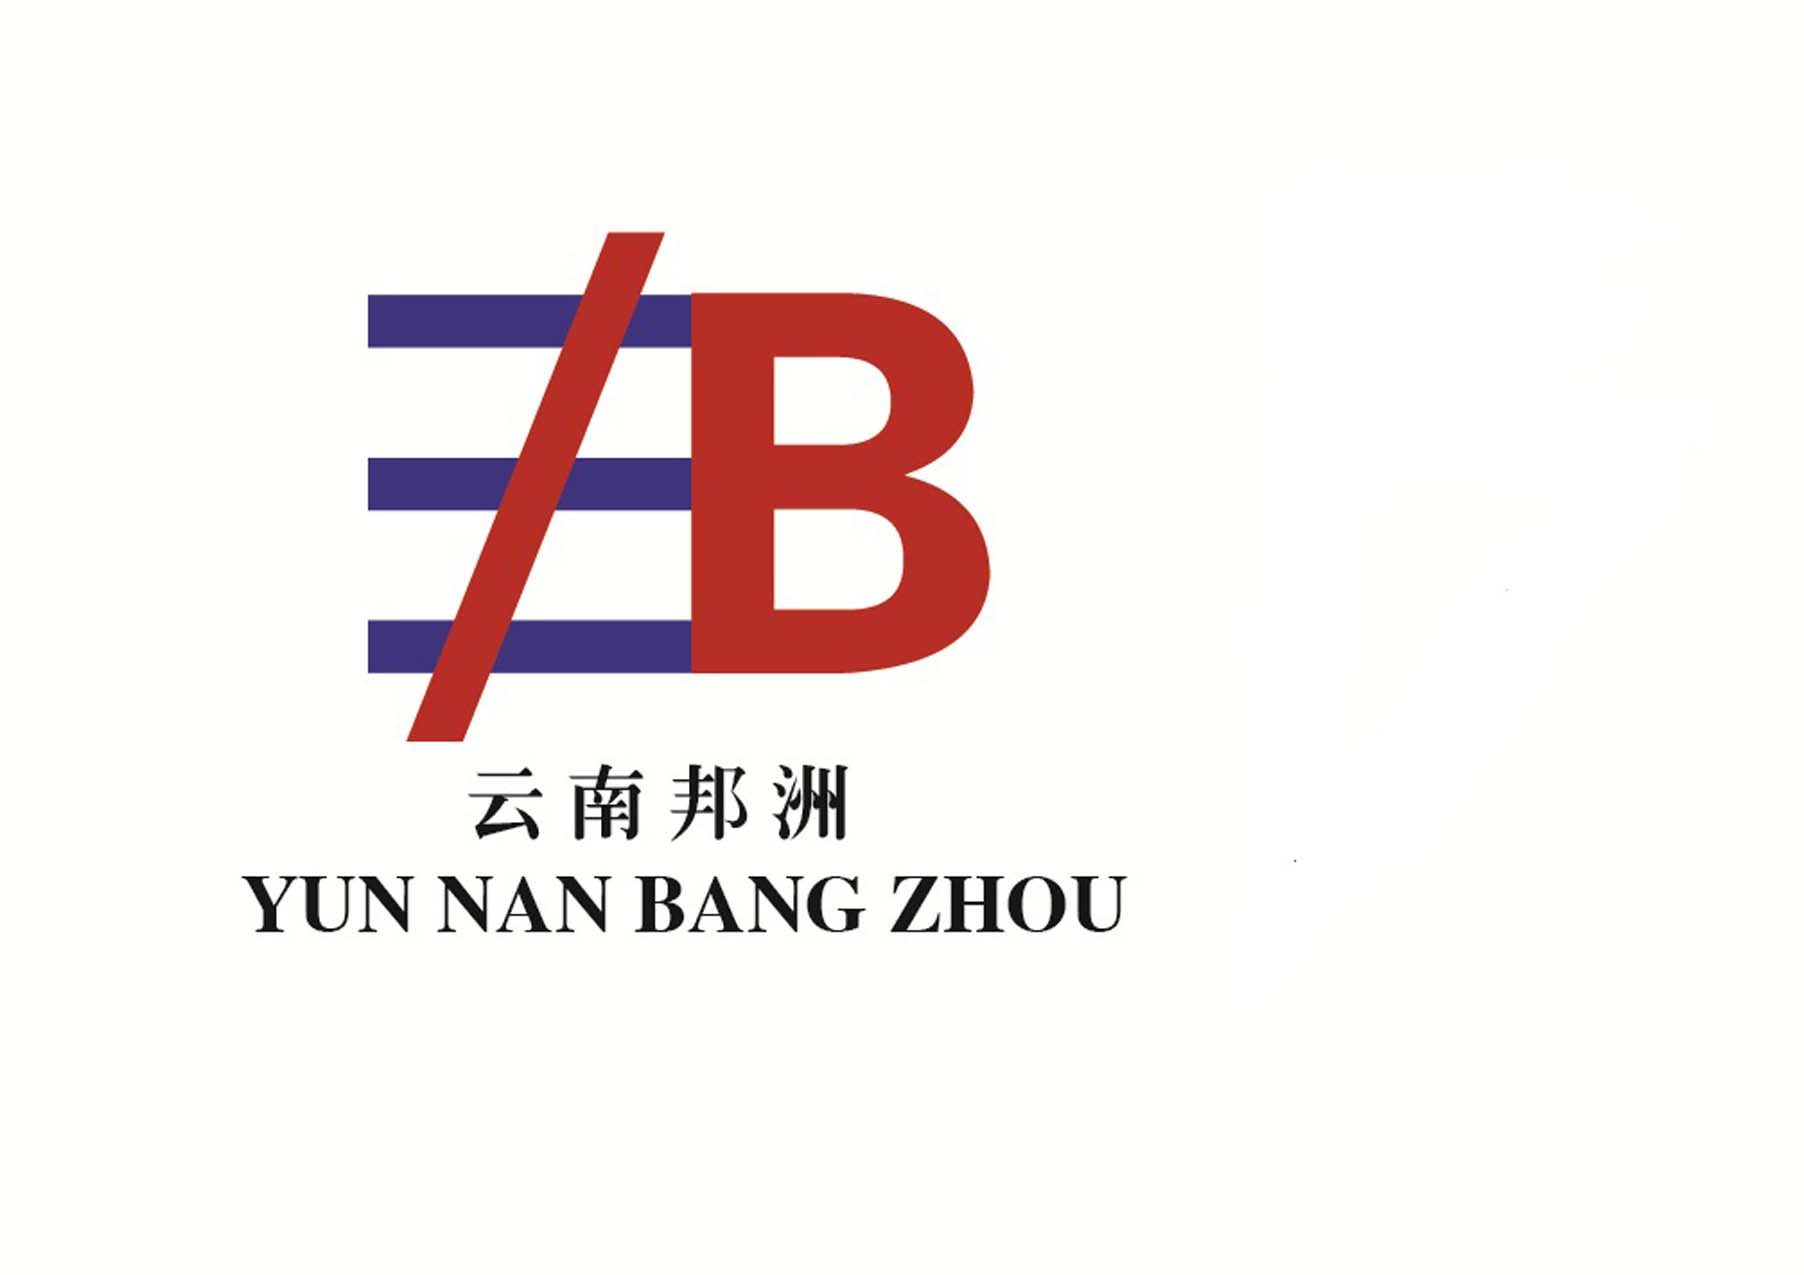 logo logo 标志 设计 矢量 矢量图 素材 图标 1804_1275